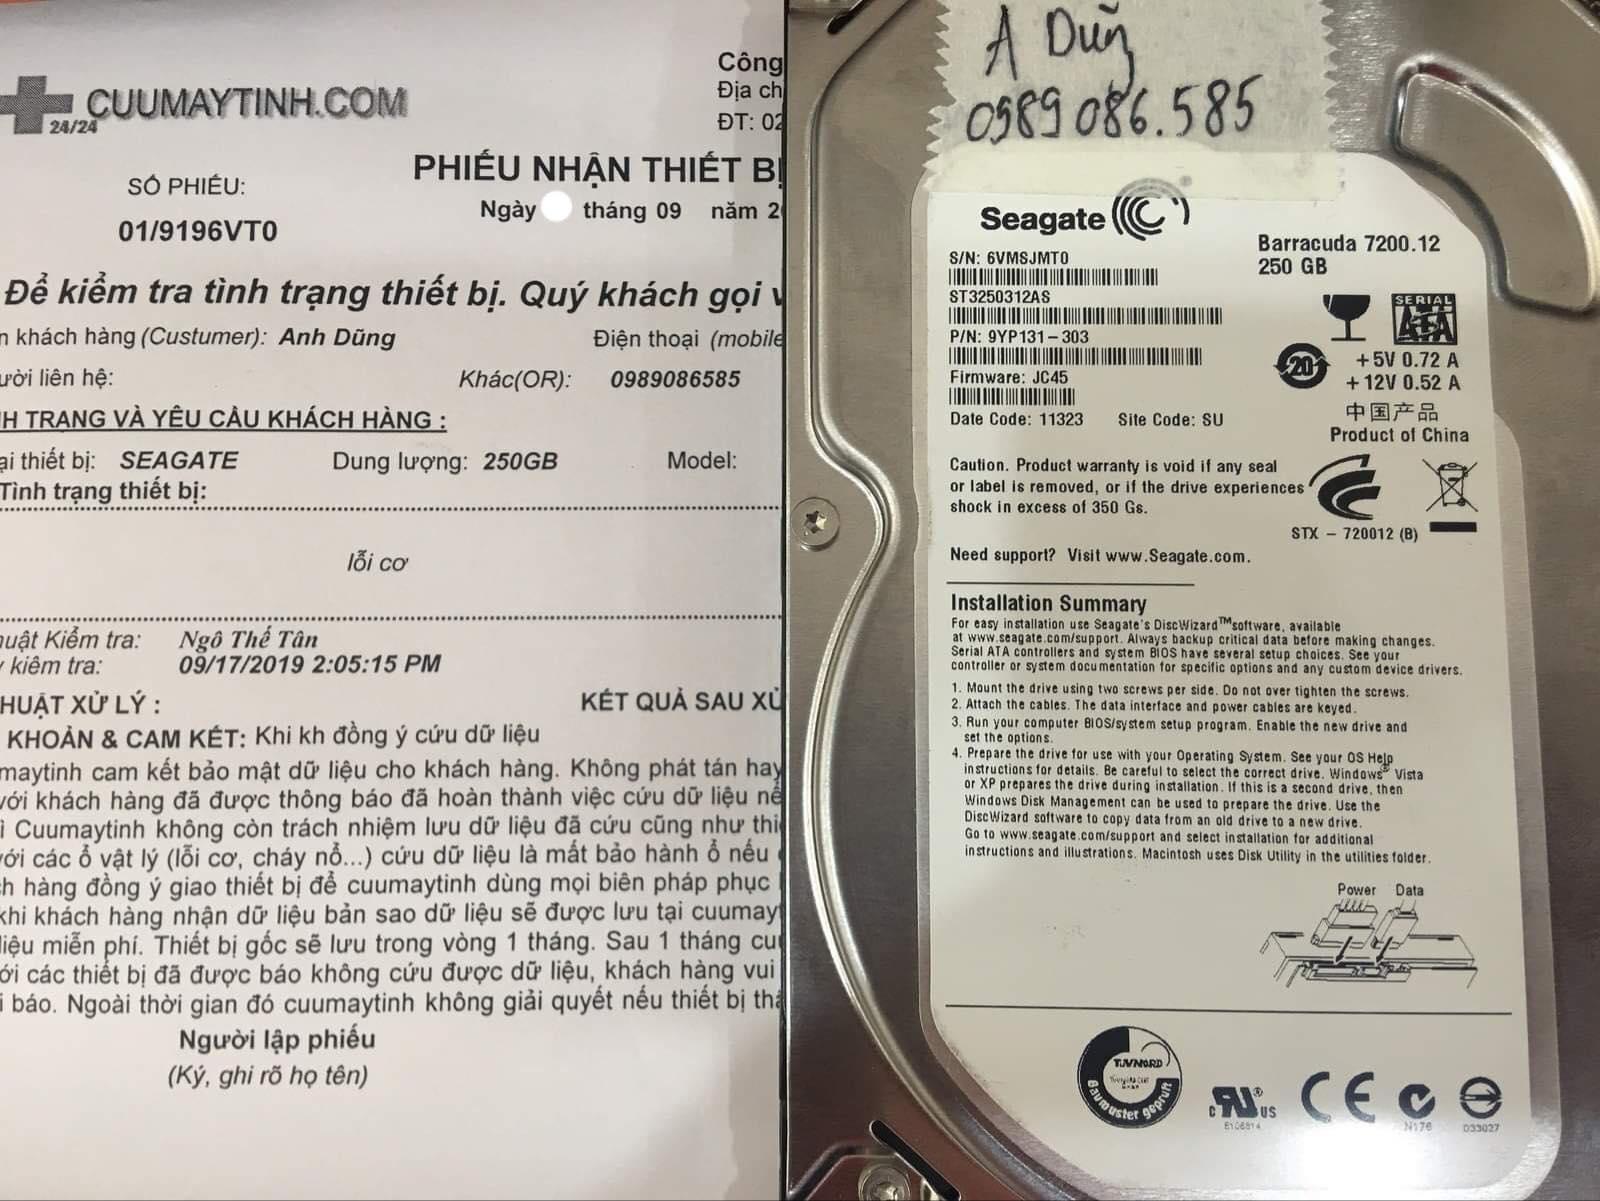 Khôi phục dữ liệu ổ cứng Seagate 250GB lỗi cơ 21/09/2019 -cuumaytinh